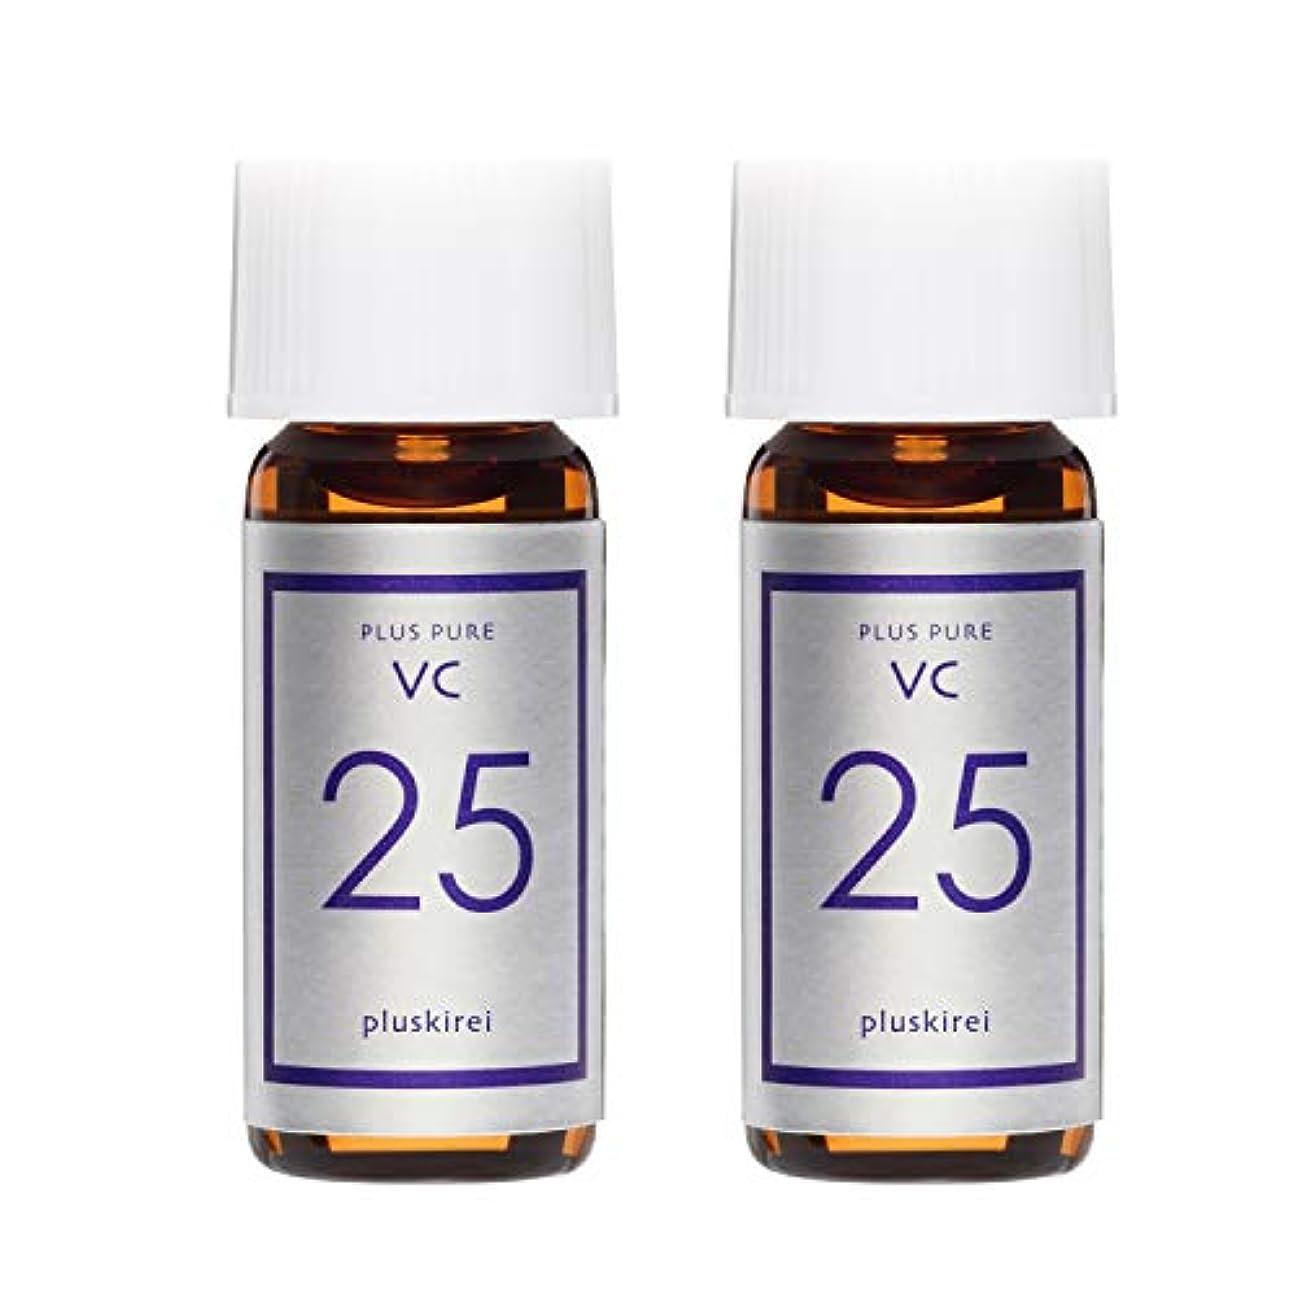 ロック補正宣言するビタミンC 美容液 プラスキレイ プラスピュアVC25 ピュアビタミンC25%配合 両親媒性美容液 (2mL(1週間お試し)2本)